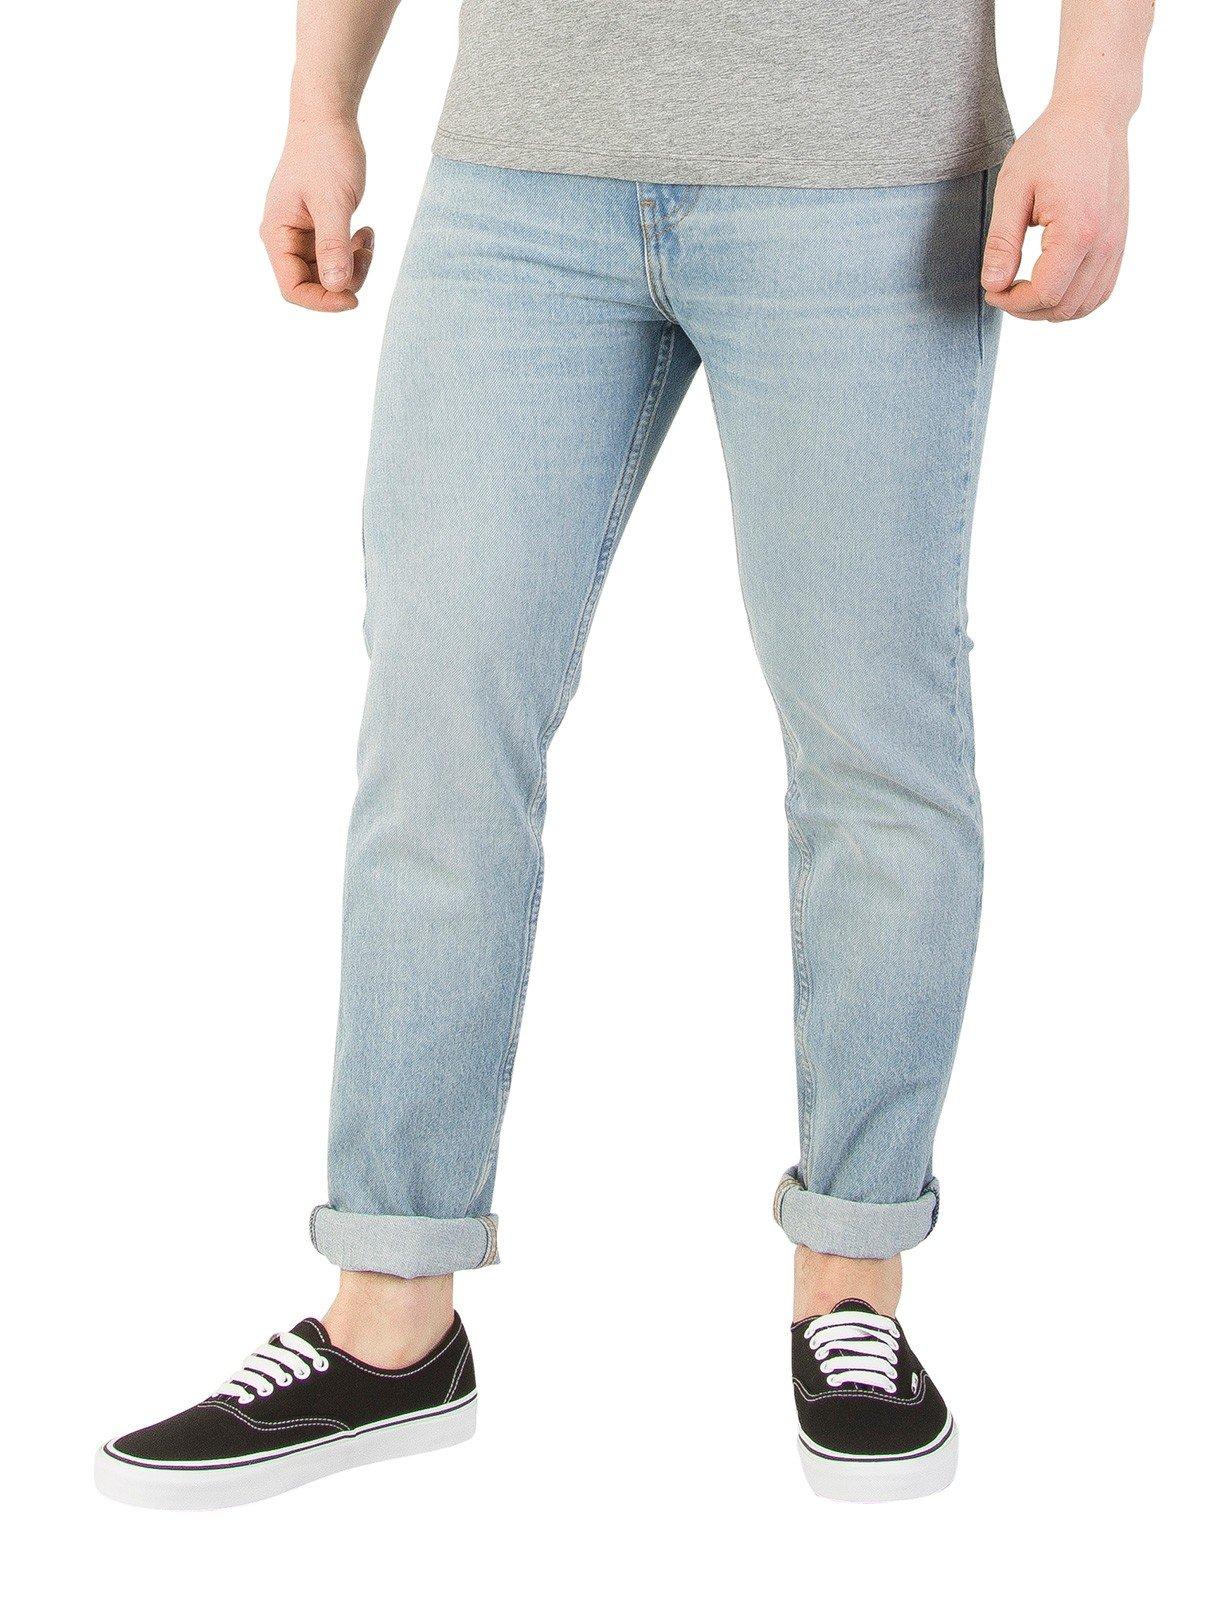 Levi's Men's 510 Skinny Fit Jeans, Blue, 30W x 32L